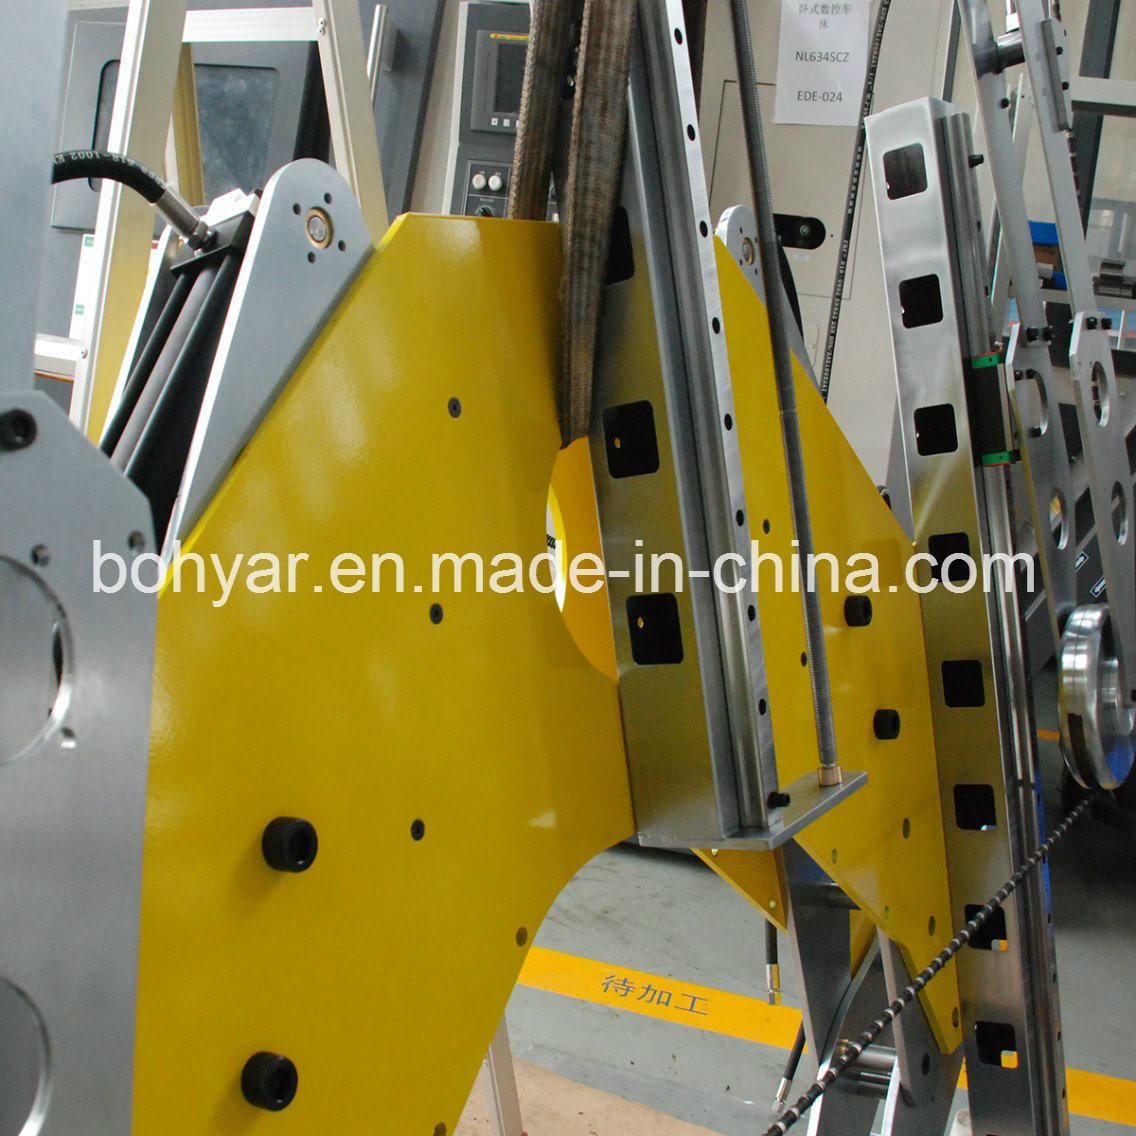 Hydraulic Diamond Wire Saw Machine/Pipe Cutting Machine (DWS1230)